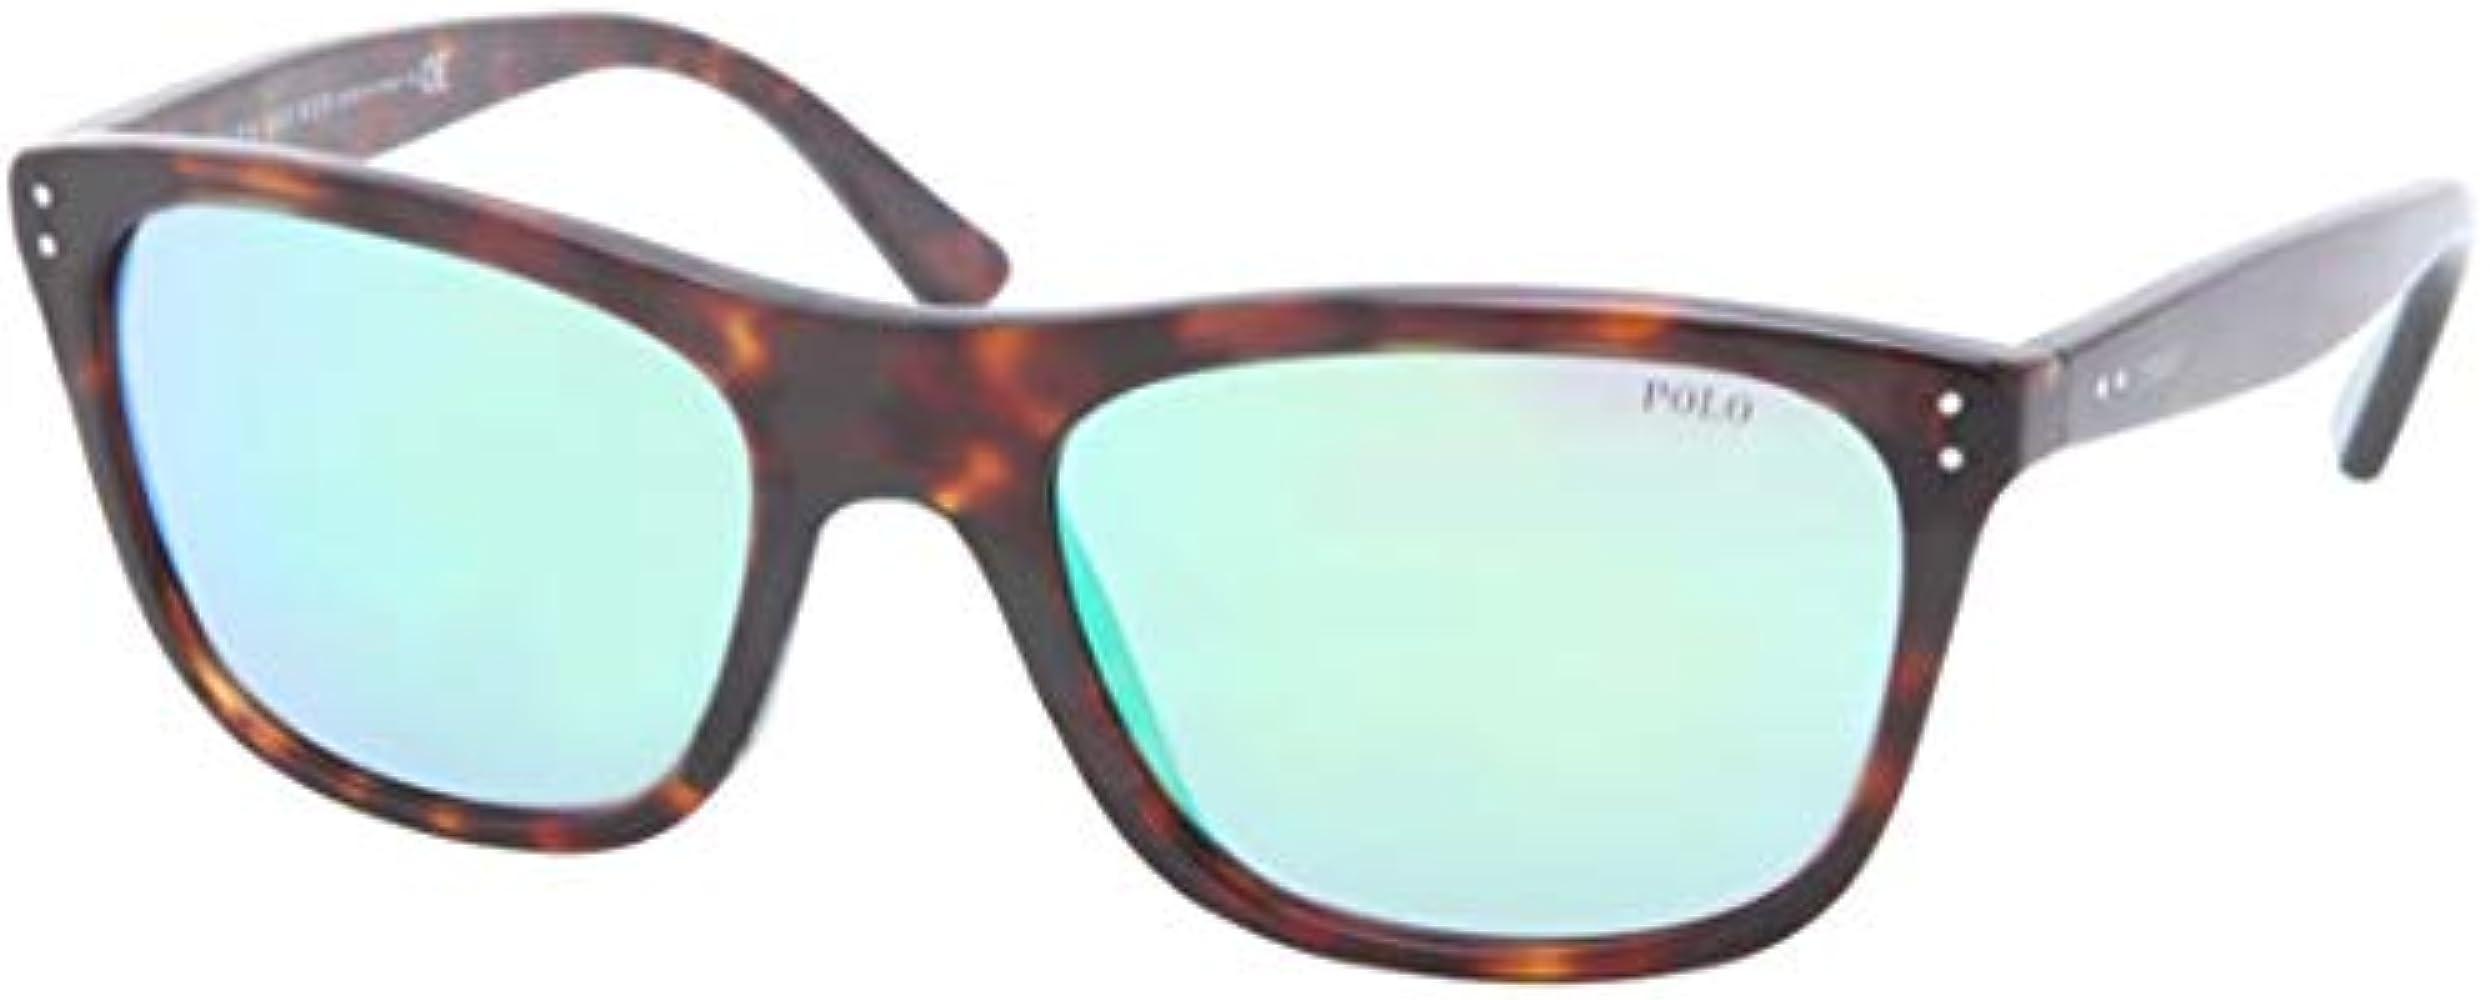 Polo Ralph Lauren PH4071, gafas de sol para Hombre, Marrón ...